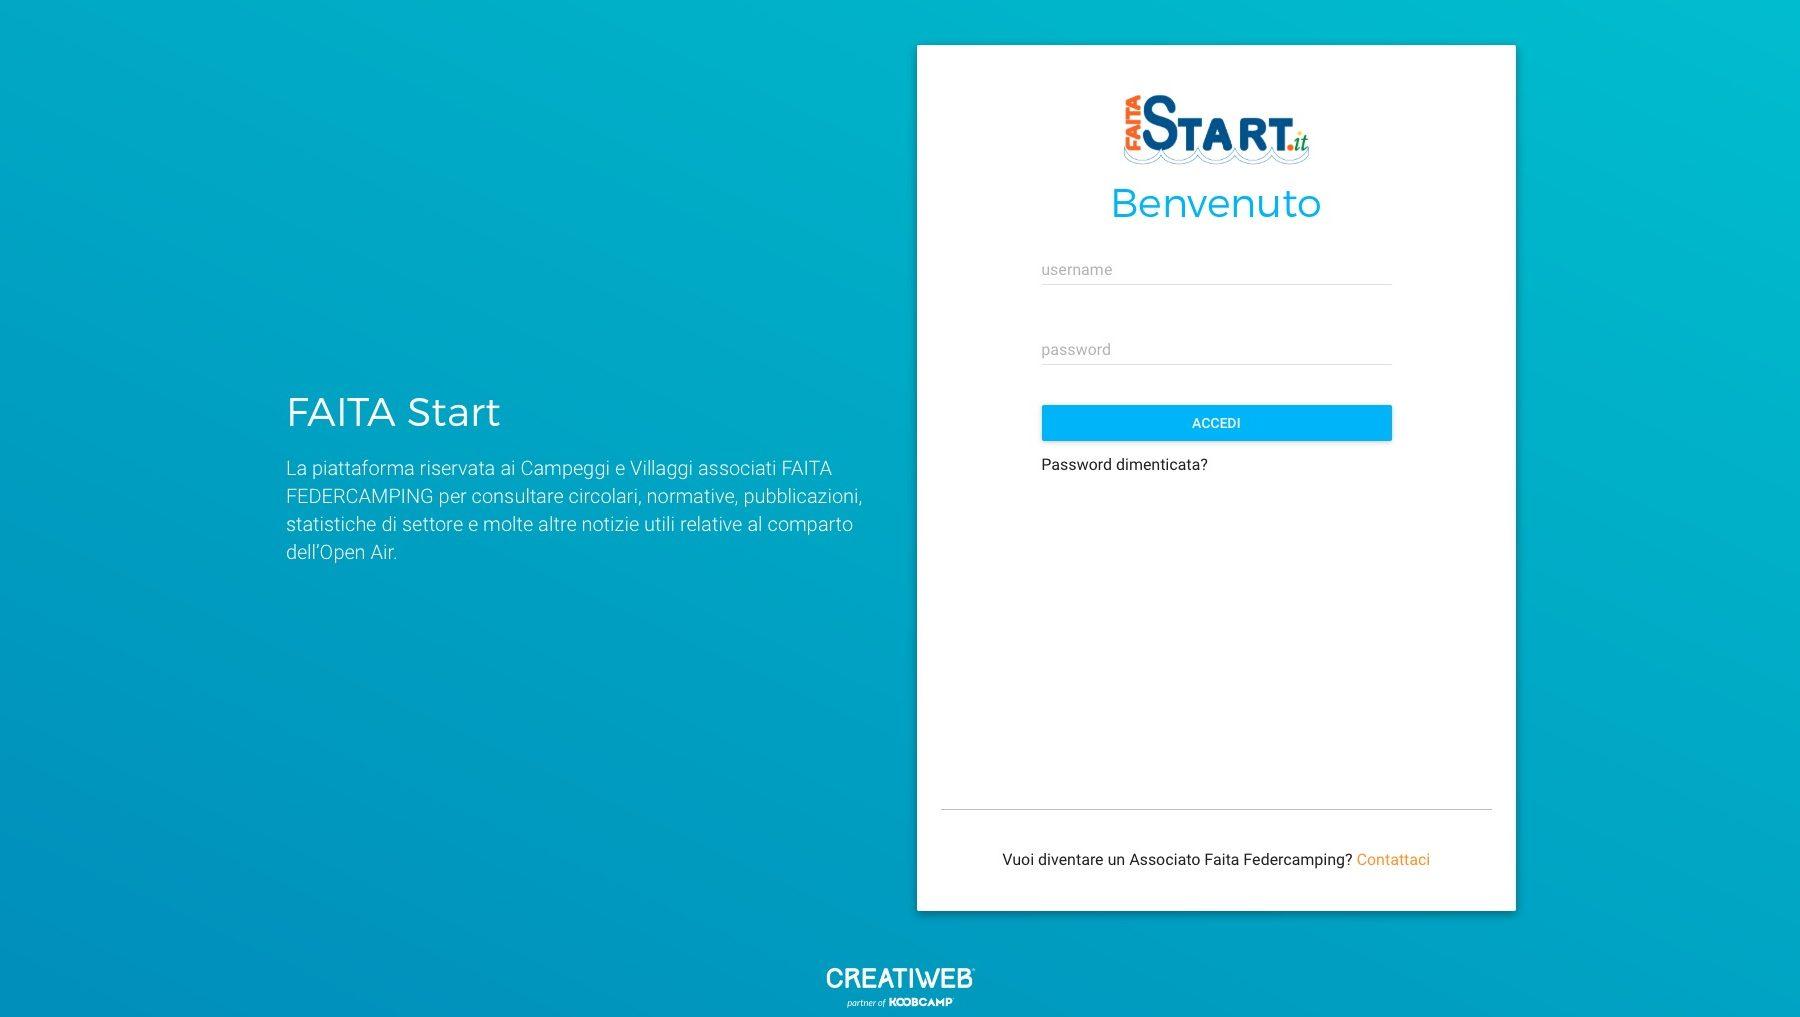 Login_1 Faita Start